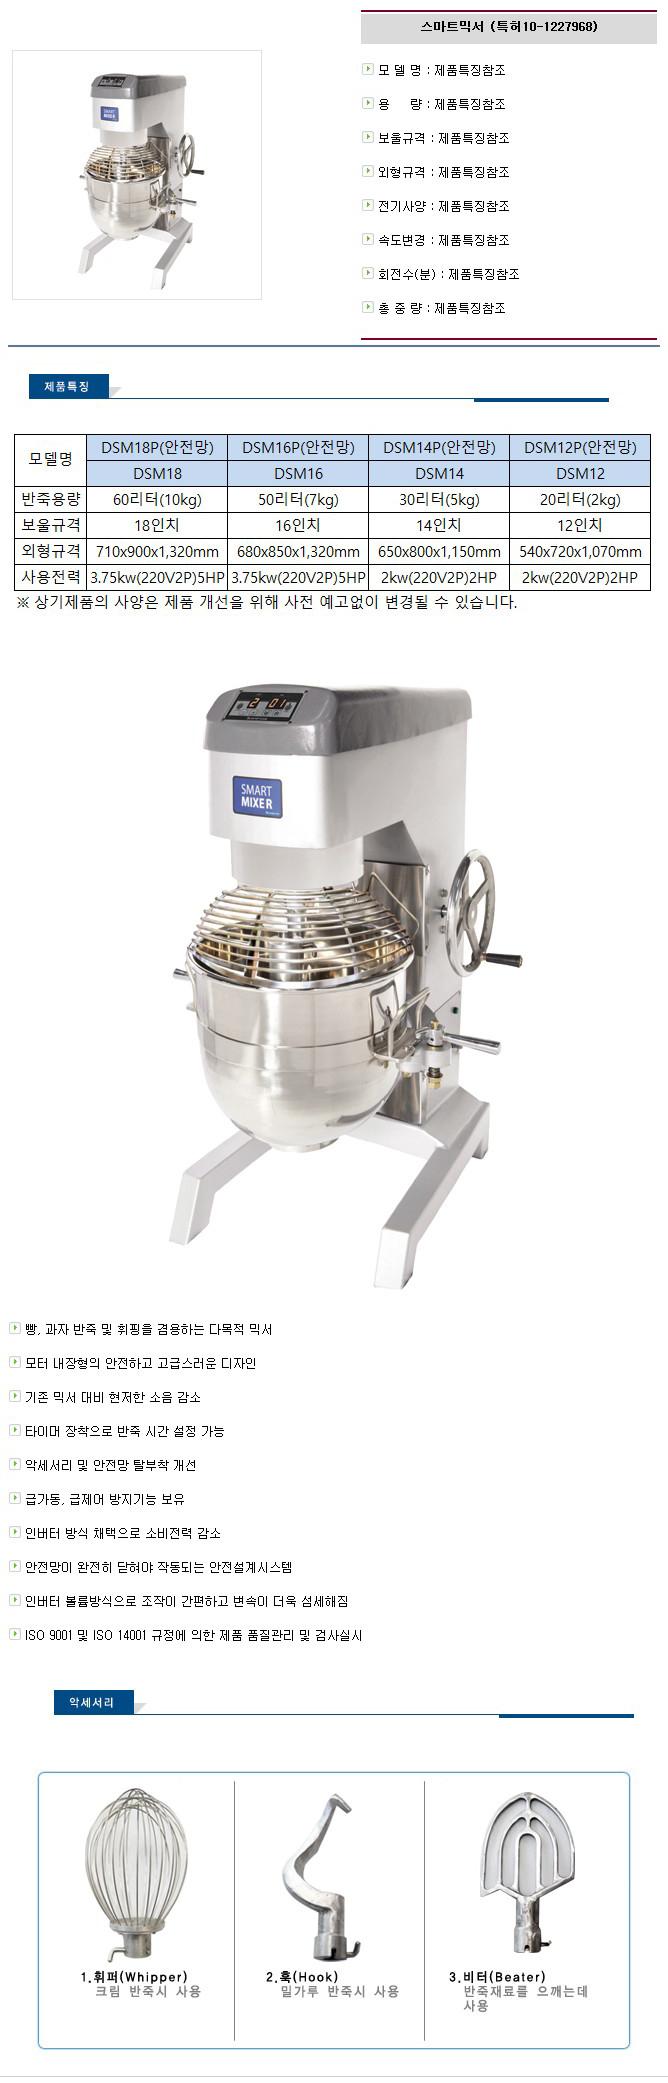 대영제과제빵기계공업 스마트 믹서 DSM Series